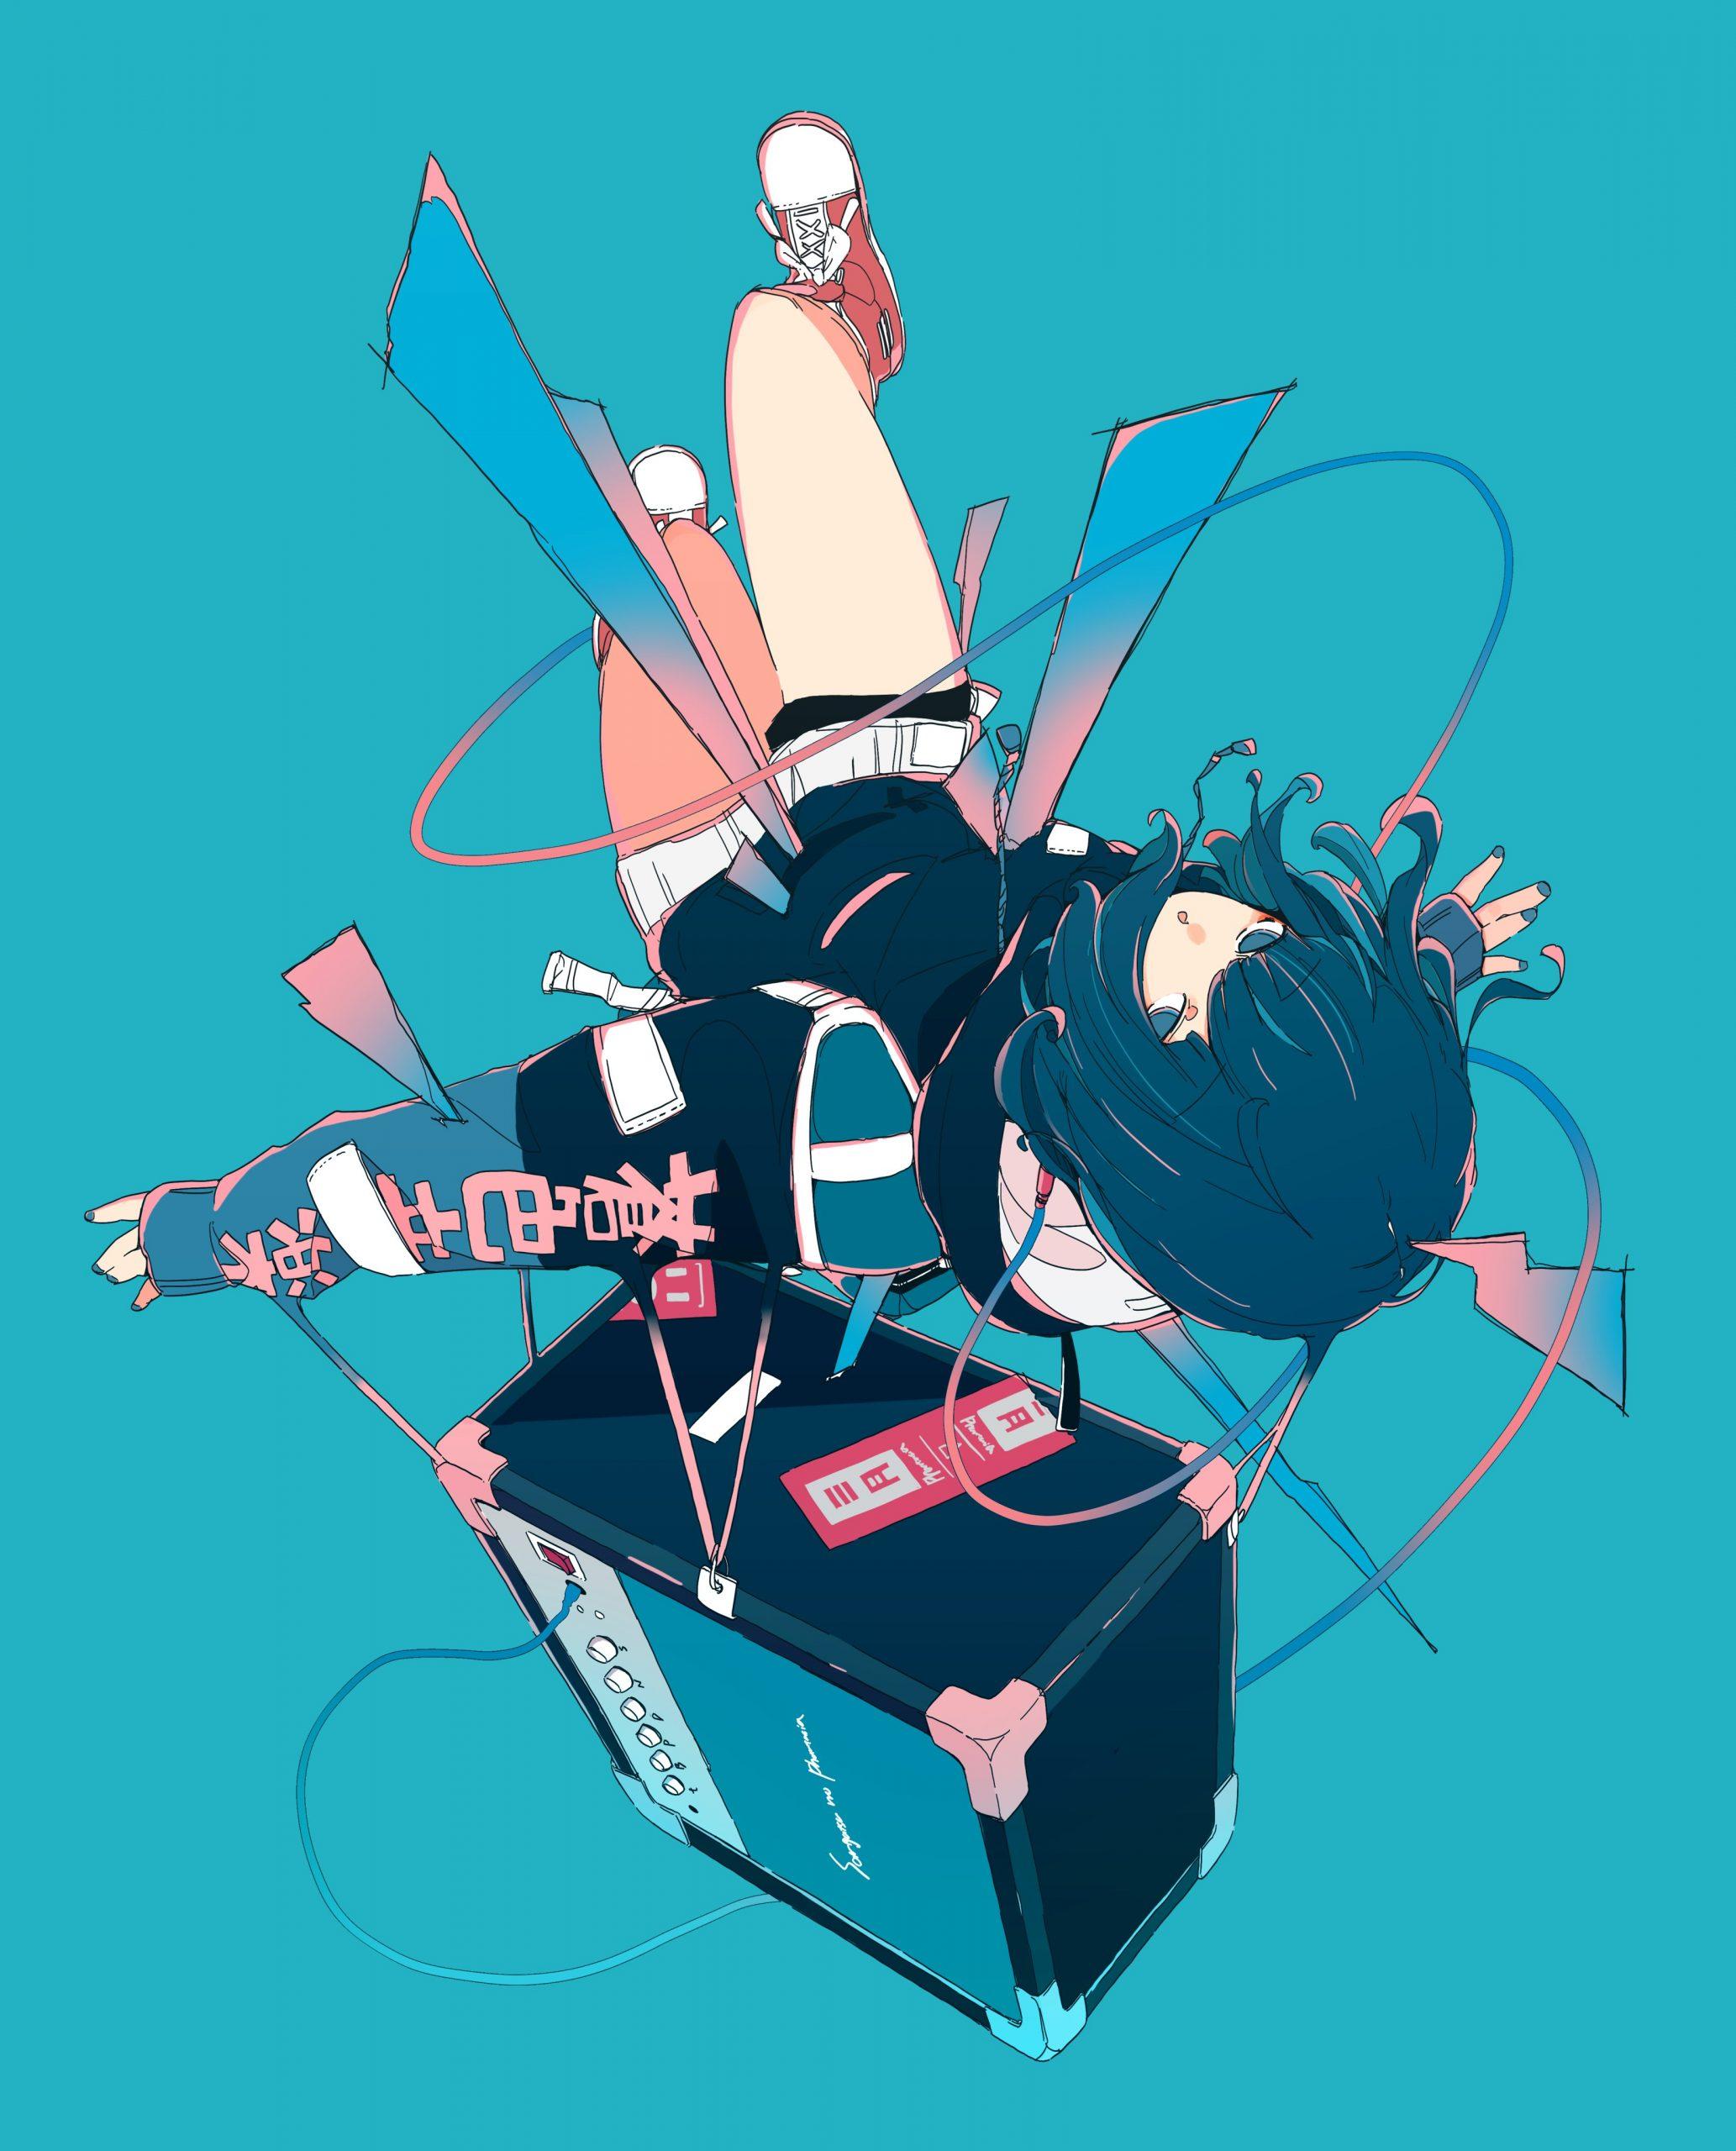 Sangatsu no Phantasia - Blue Pop Nari Yamanai  三月のパンタシア / ブルーポップは鳴りやまない